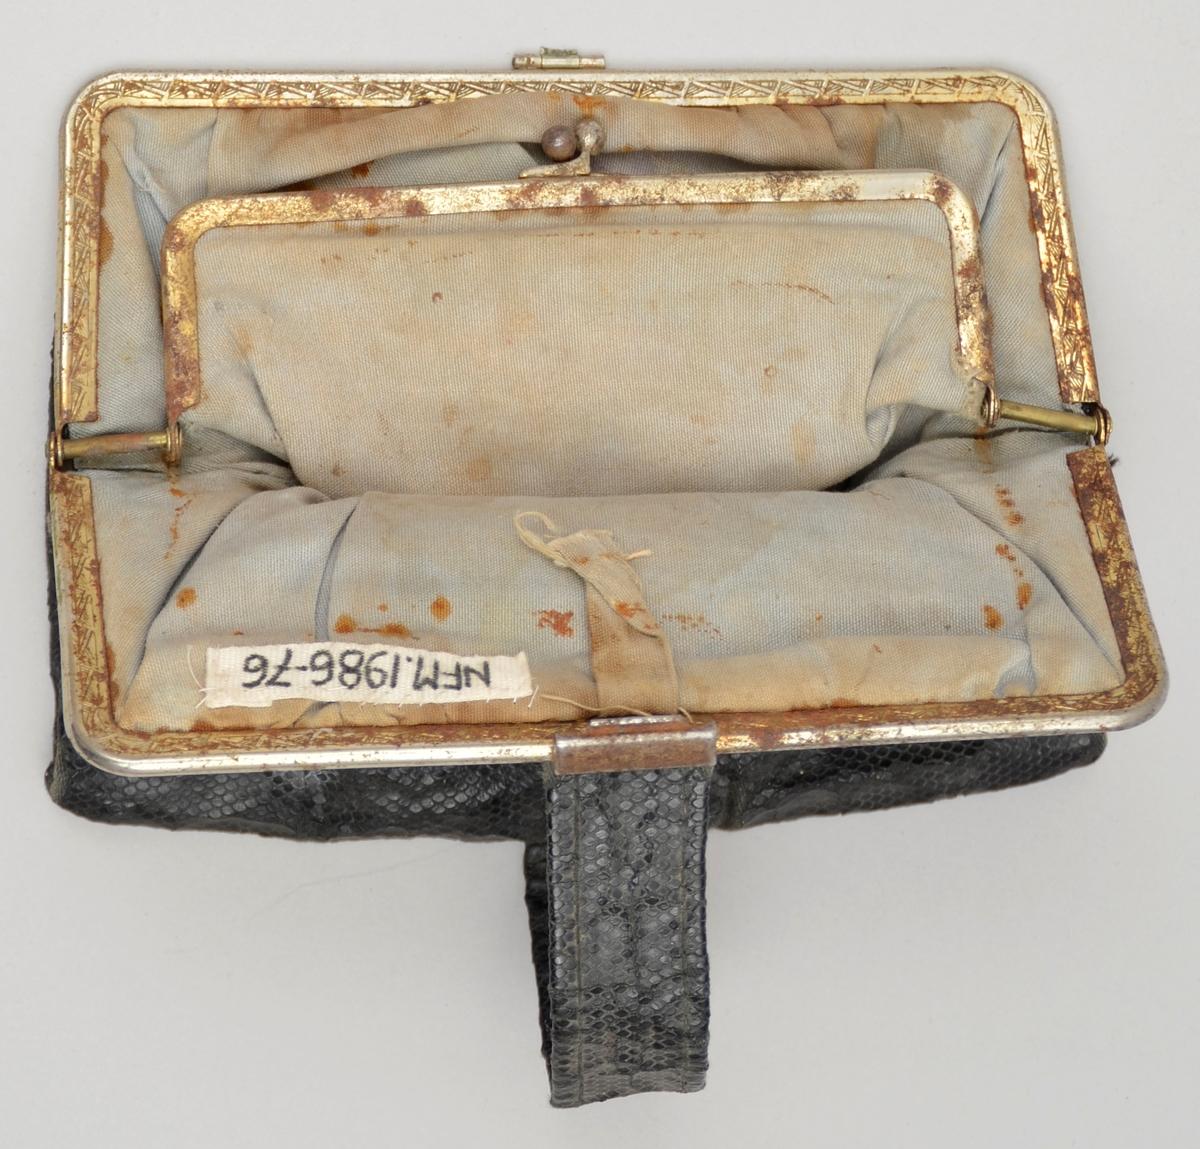 Lita handveske utan handtak. Svart skinnimitasjon. Lukking med metall-lås. Kant i metall. Lomme med knepping inni. Fôra med bomullsstoff. To kalenderlappar med dato 10 og 13 mai 1944 oppi lomma.